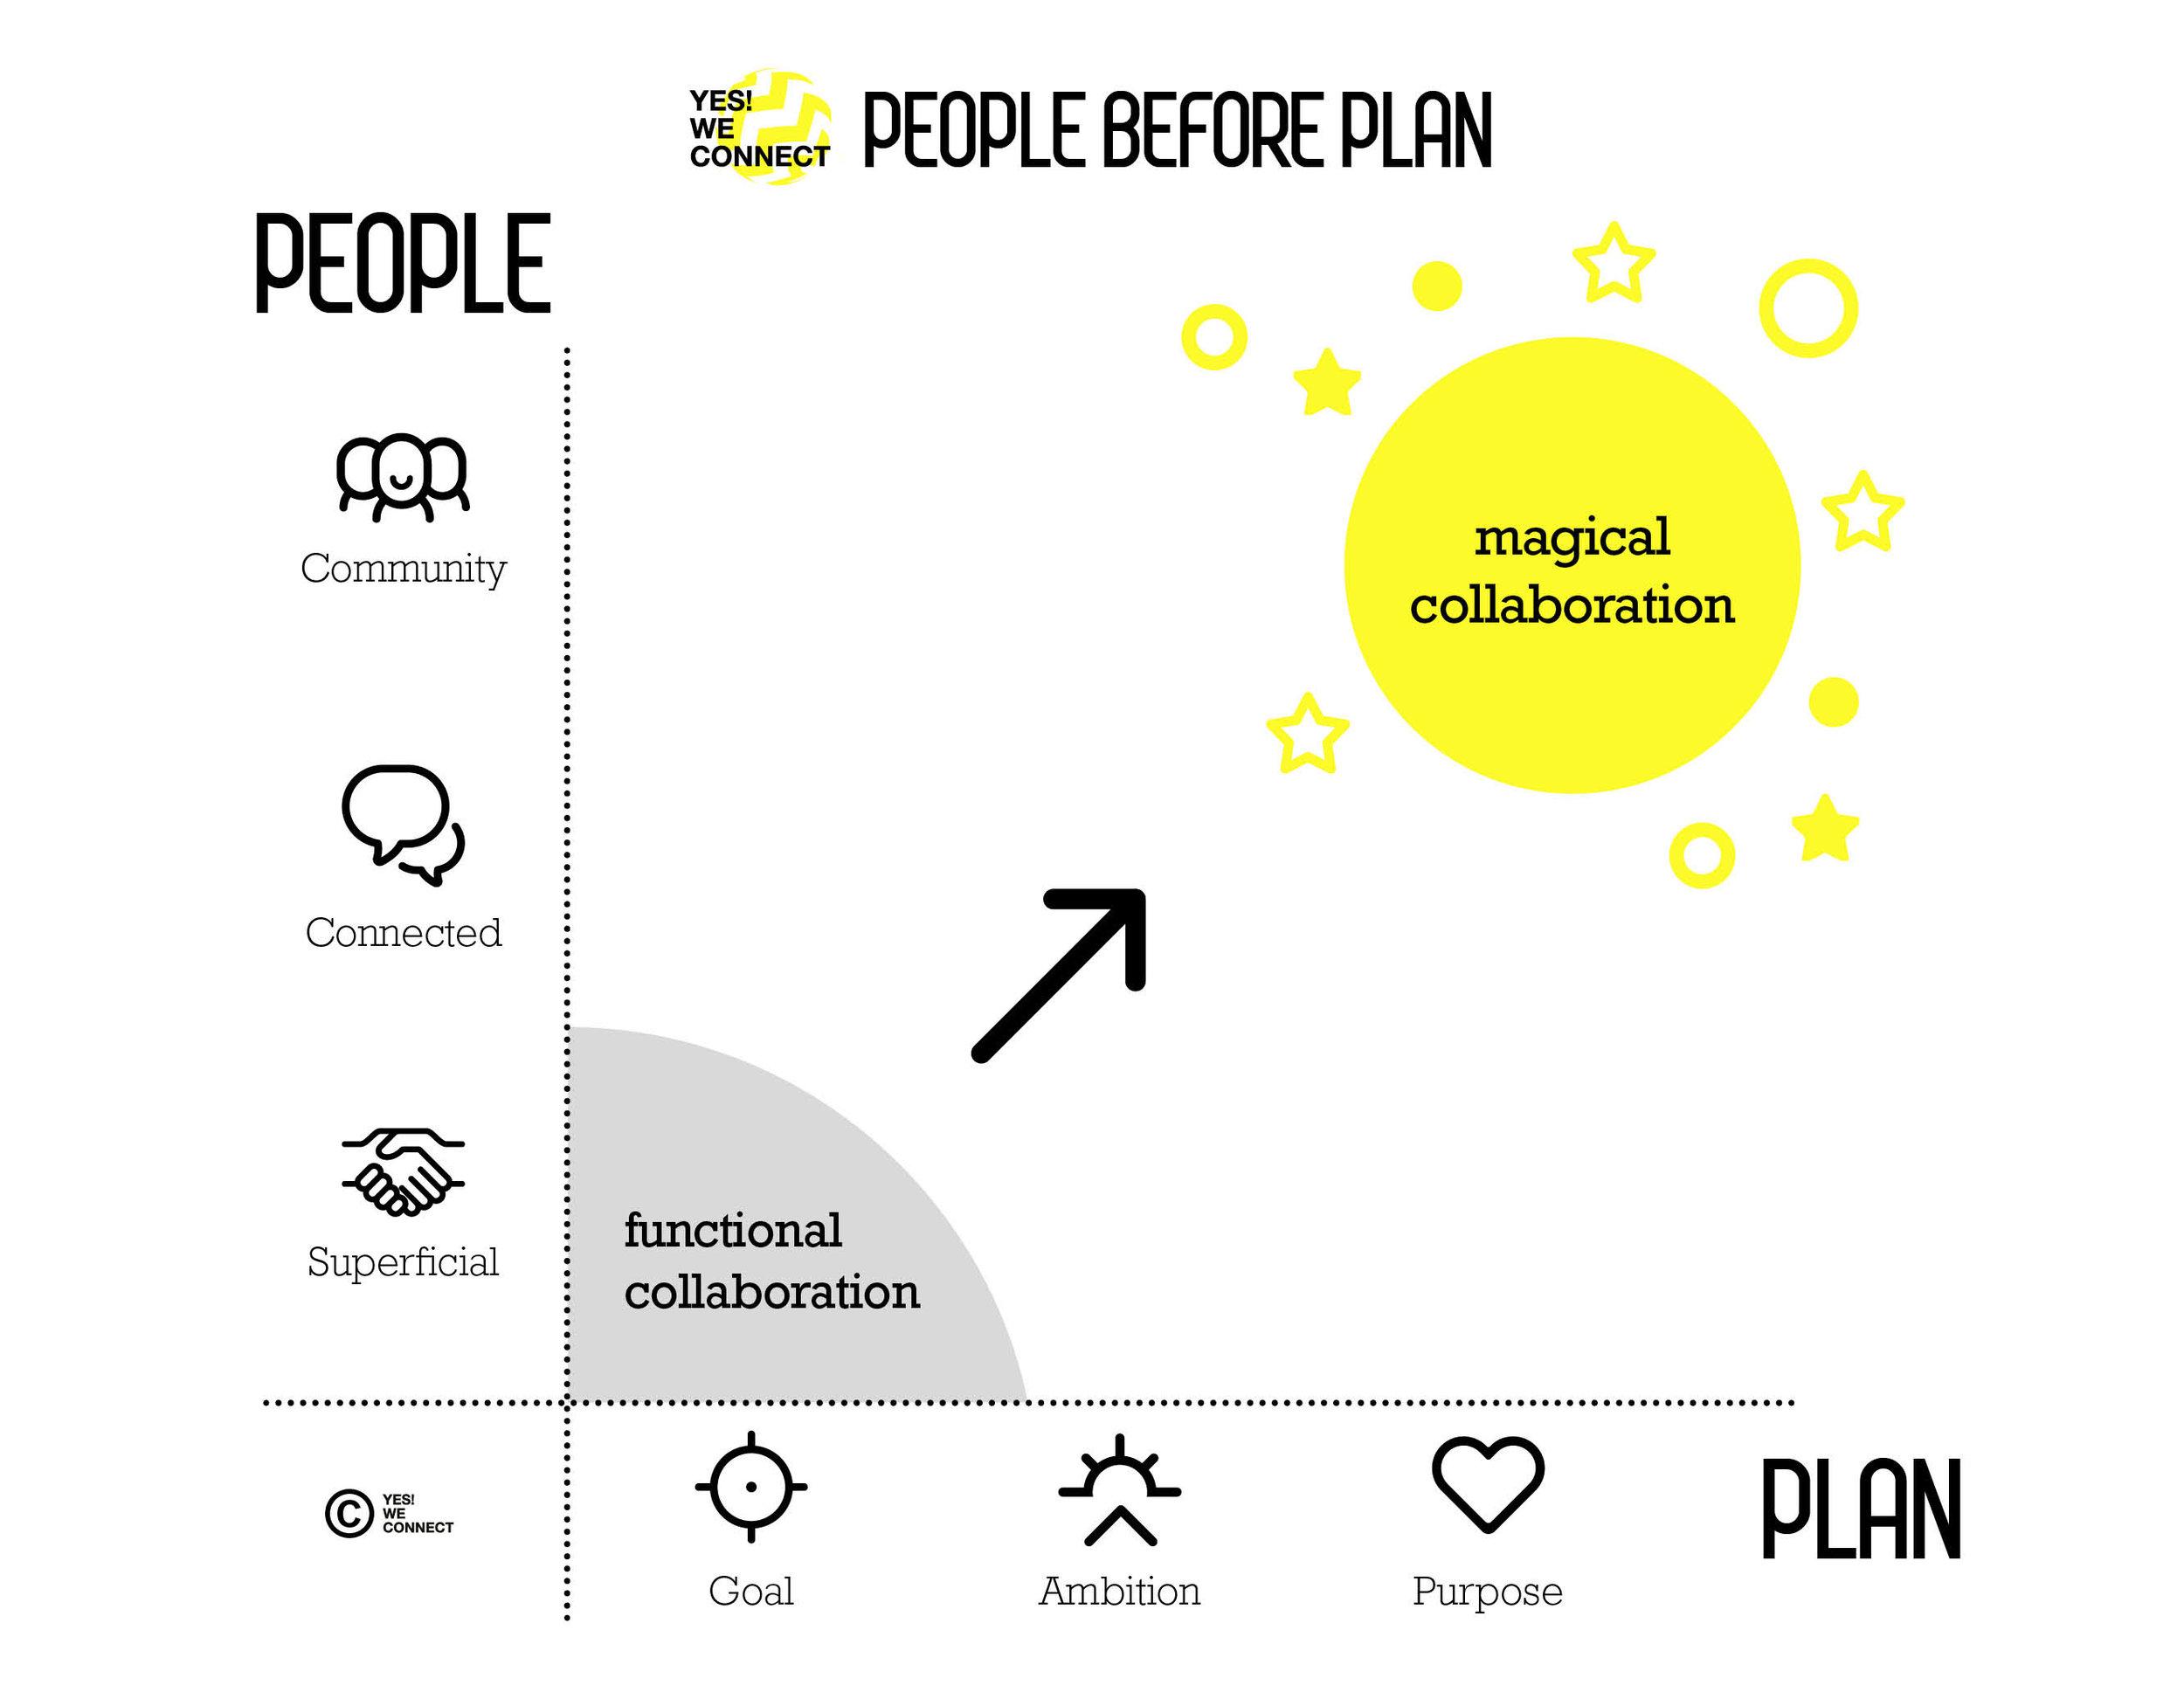 People before plan model